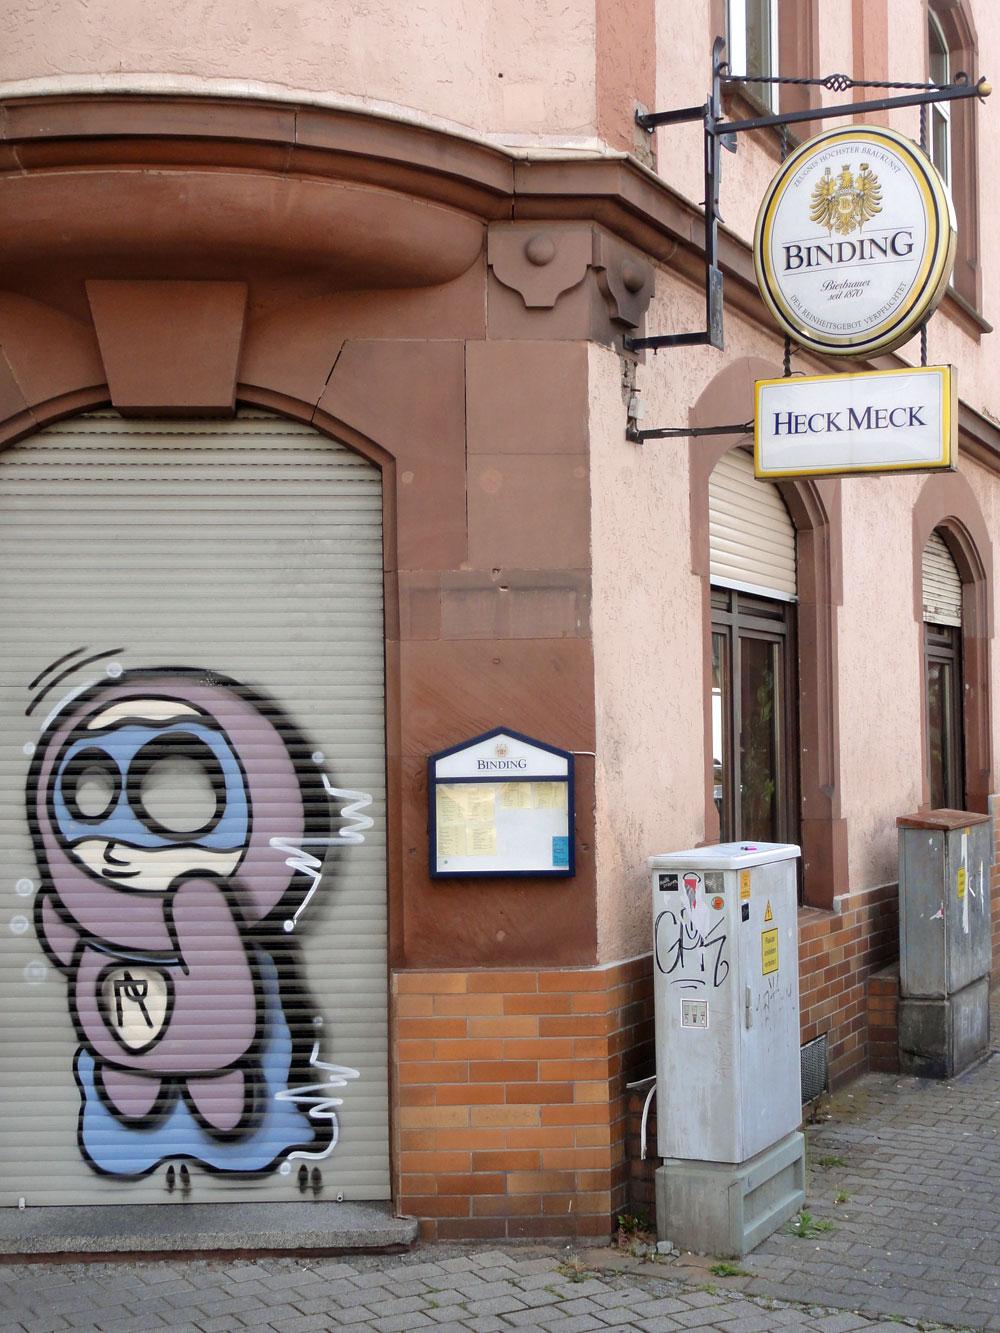 Shutter Art & Garage Door Graffiti in Frankfurt: KOCR